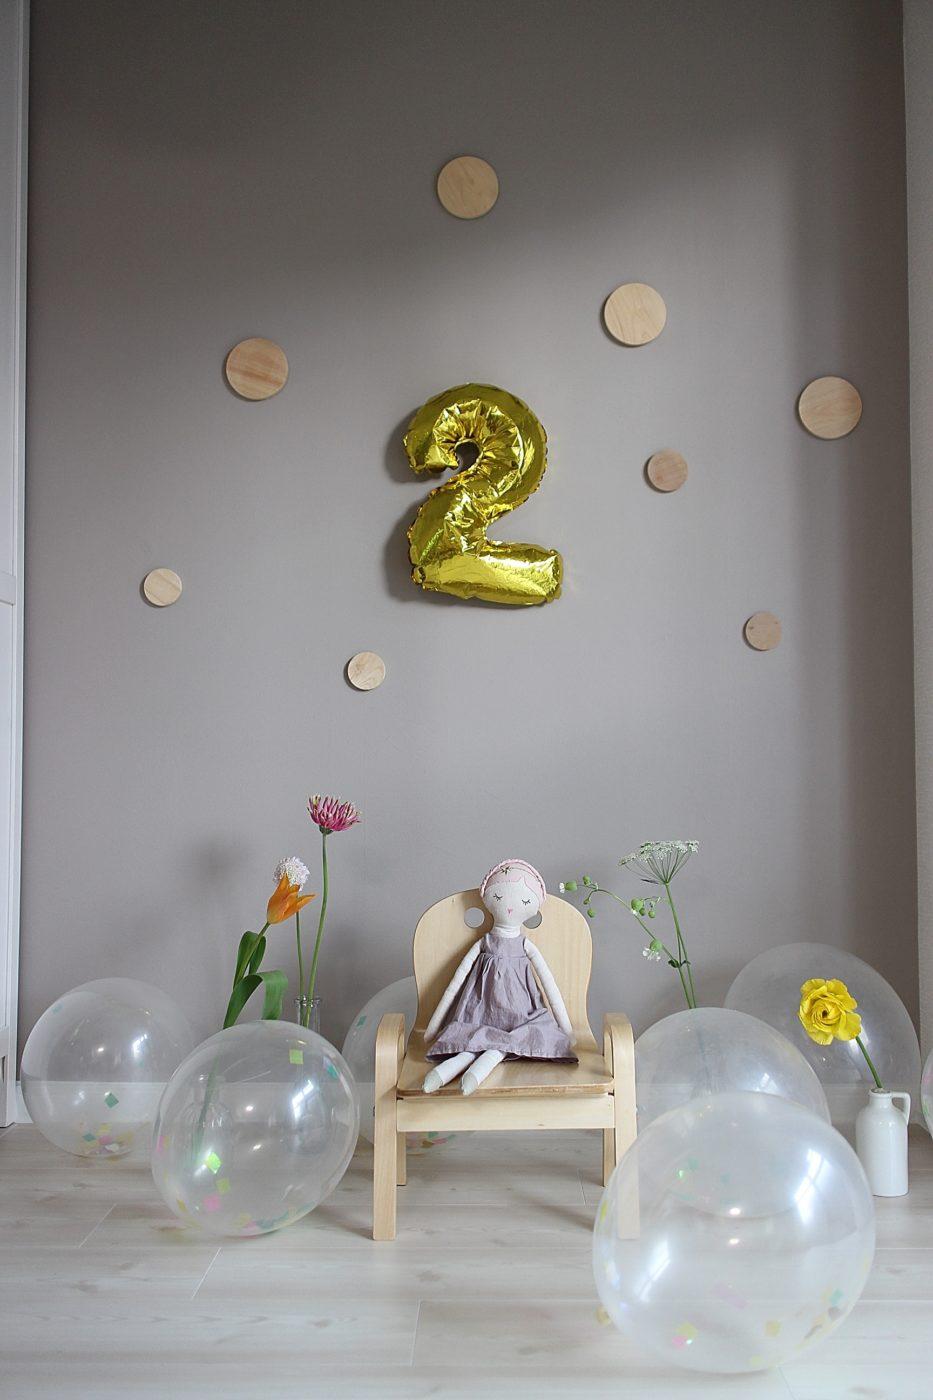 自宅誕生日フォト写真の飾りつけ